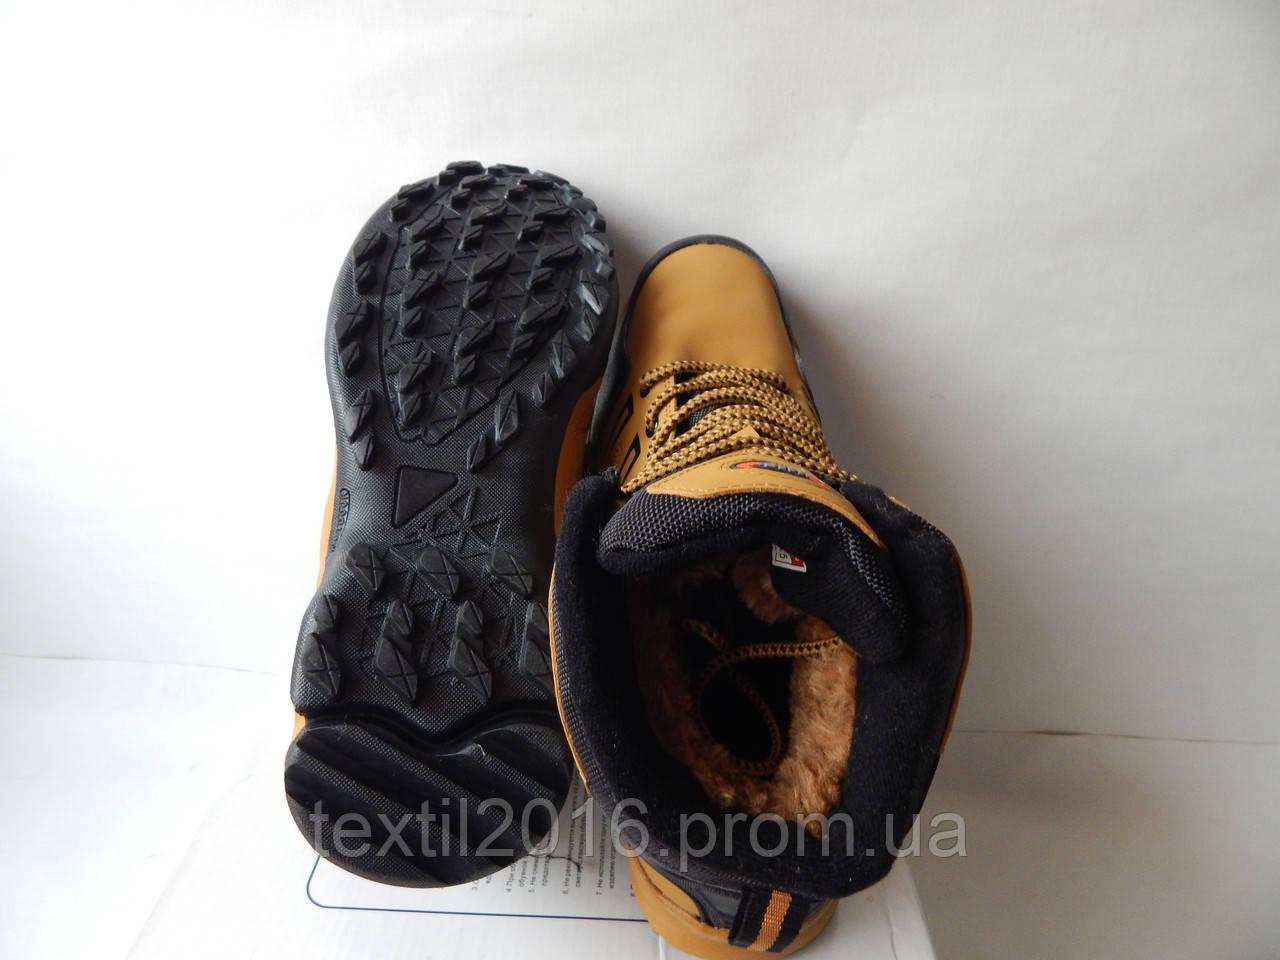 62f8c8b2c Необычно красивые молодежные зимние кроссовки, цена 720 грн., купить в  Киеве — Prom.ua (ID#797895066)